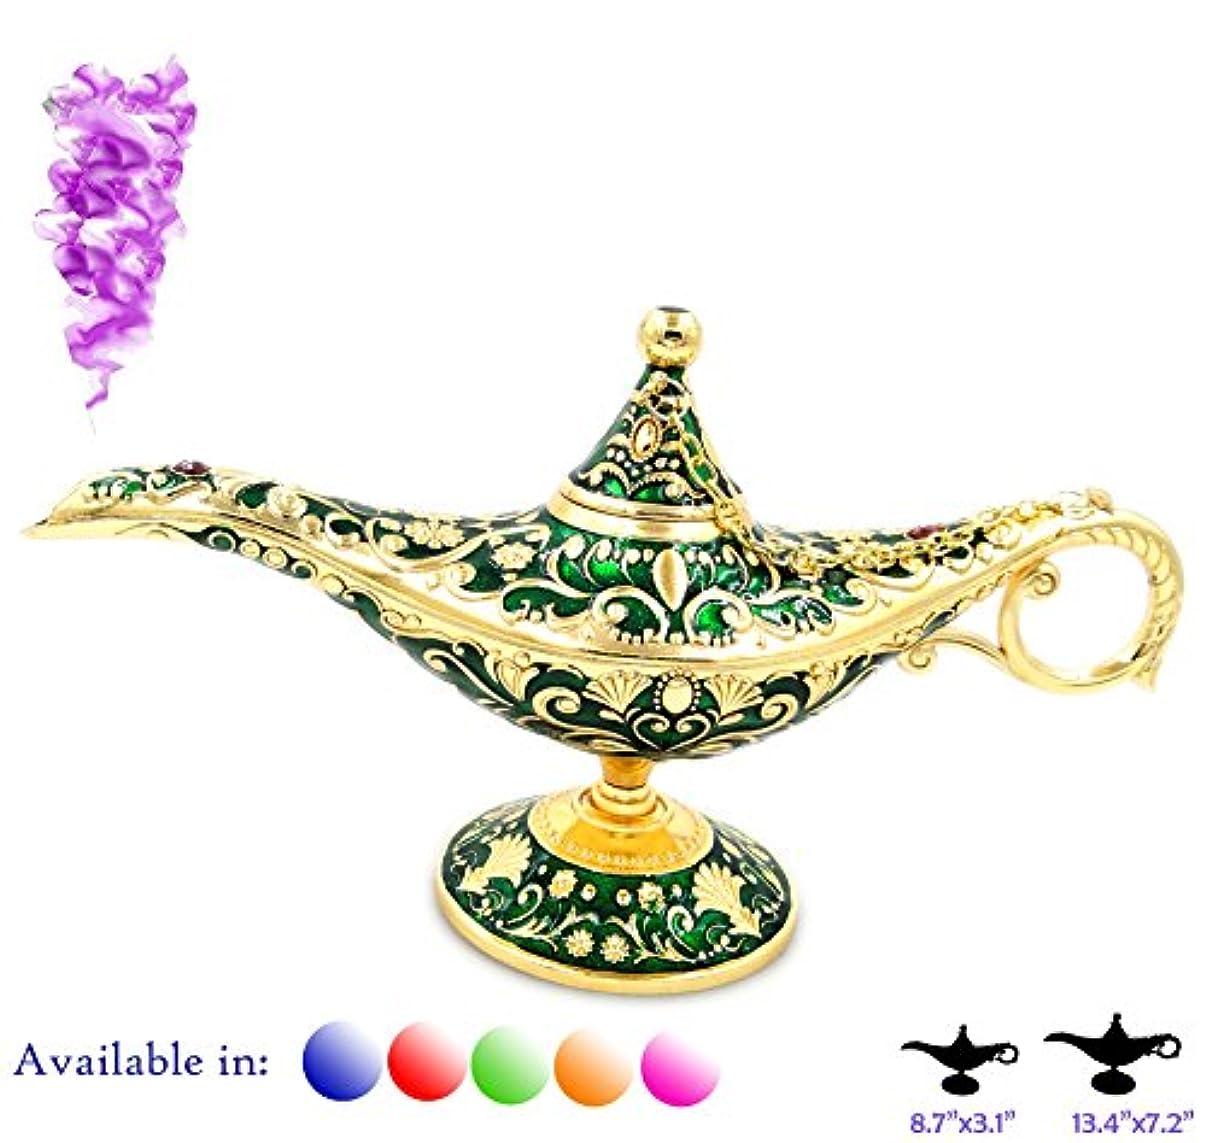 ベッドレーニン主義白鳥凡例Aladdin Magic Genieライトランプポットクラシックカラー真鍮Aladdin Genie Lamps Incense Burners Normal 8.7x3.1